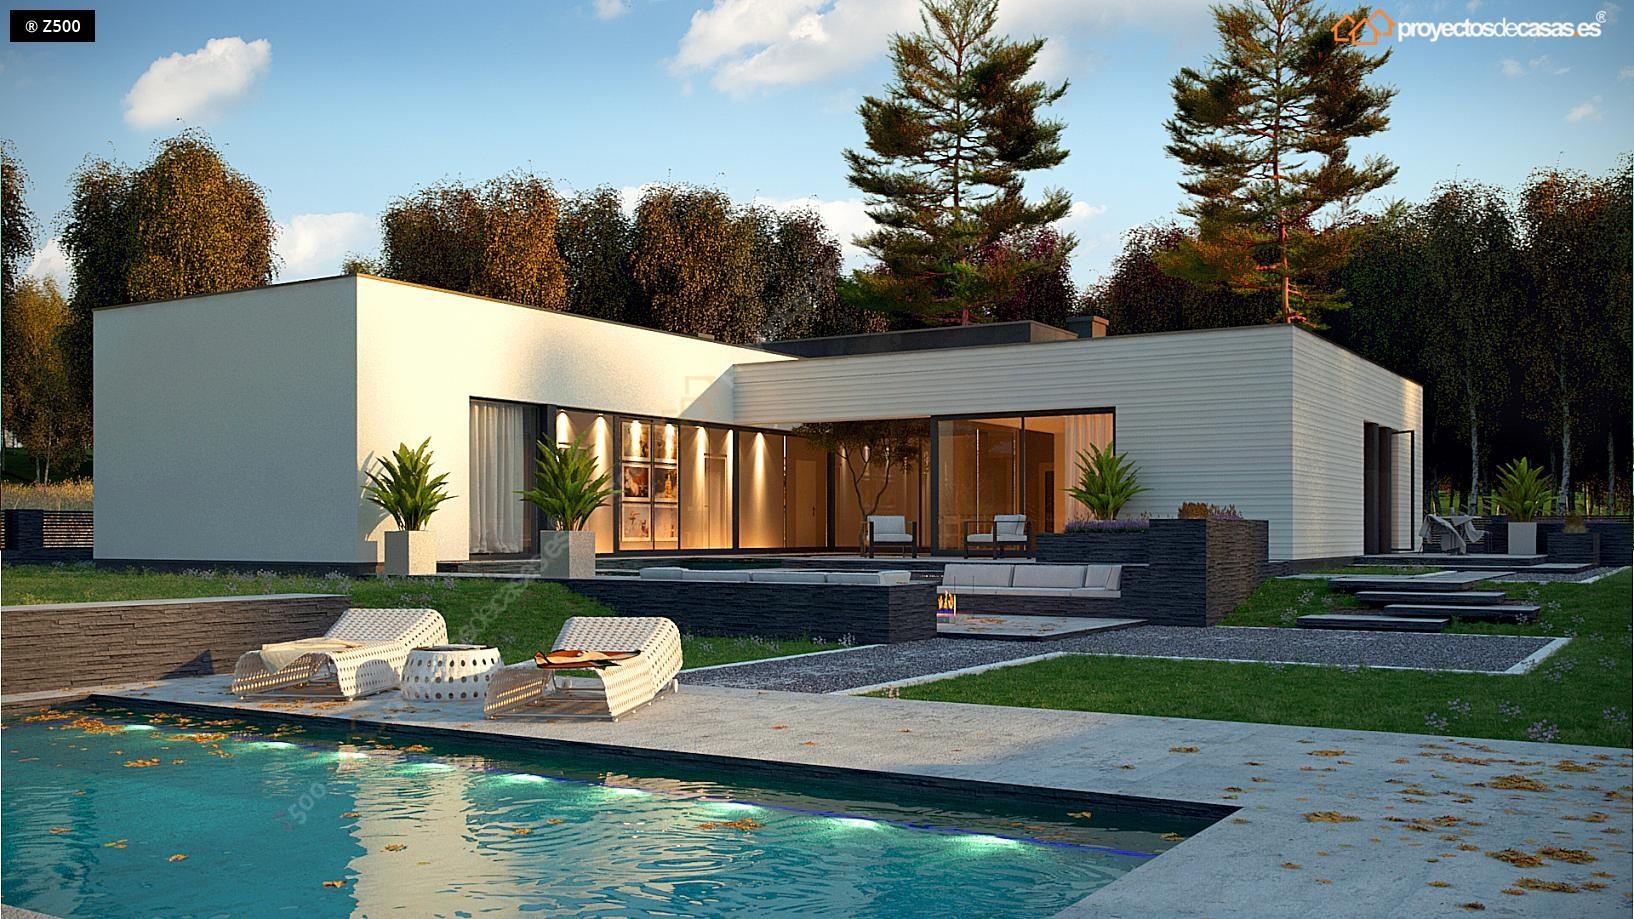 Proyectos de casas casa moderna de 1 planta con piscina proyectosdecasas dise amos y for Casas modernas para construir